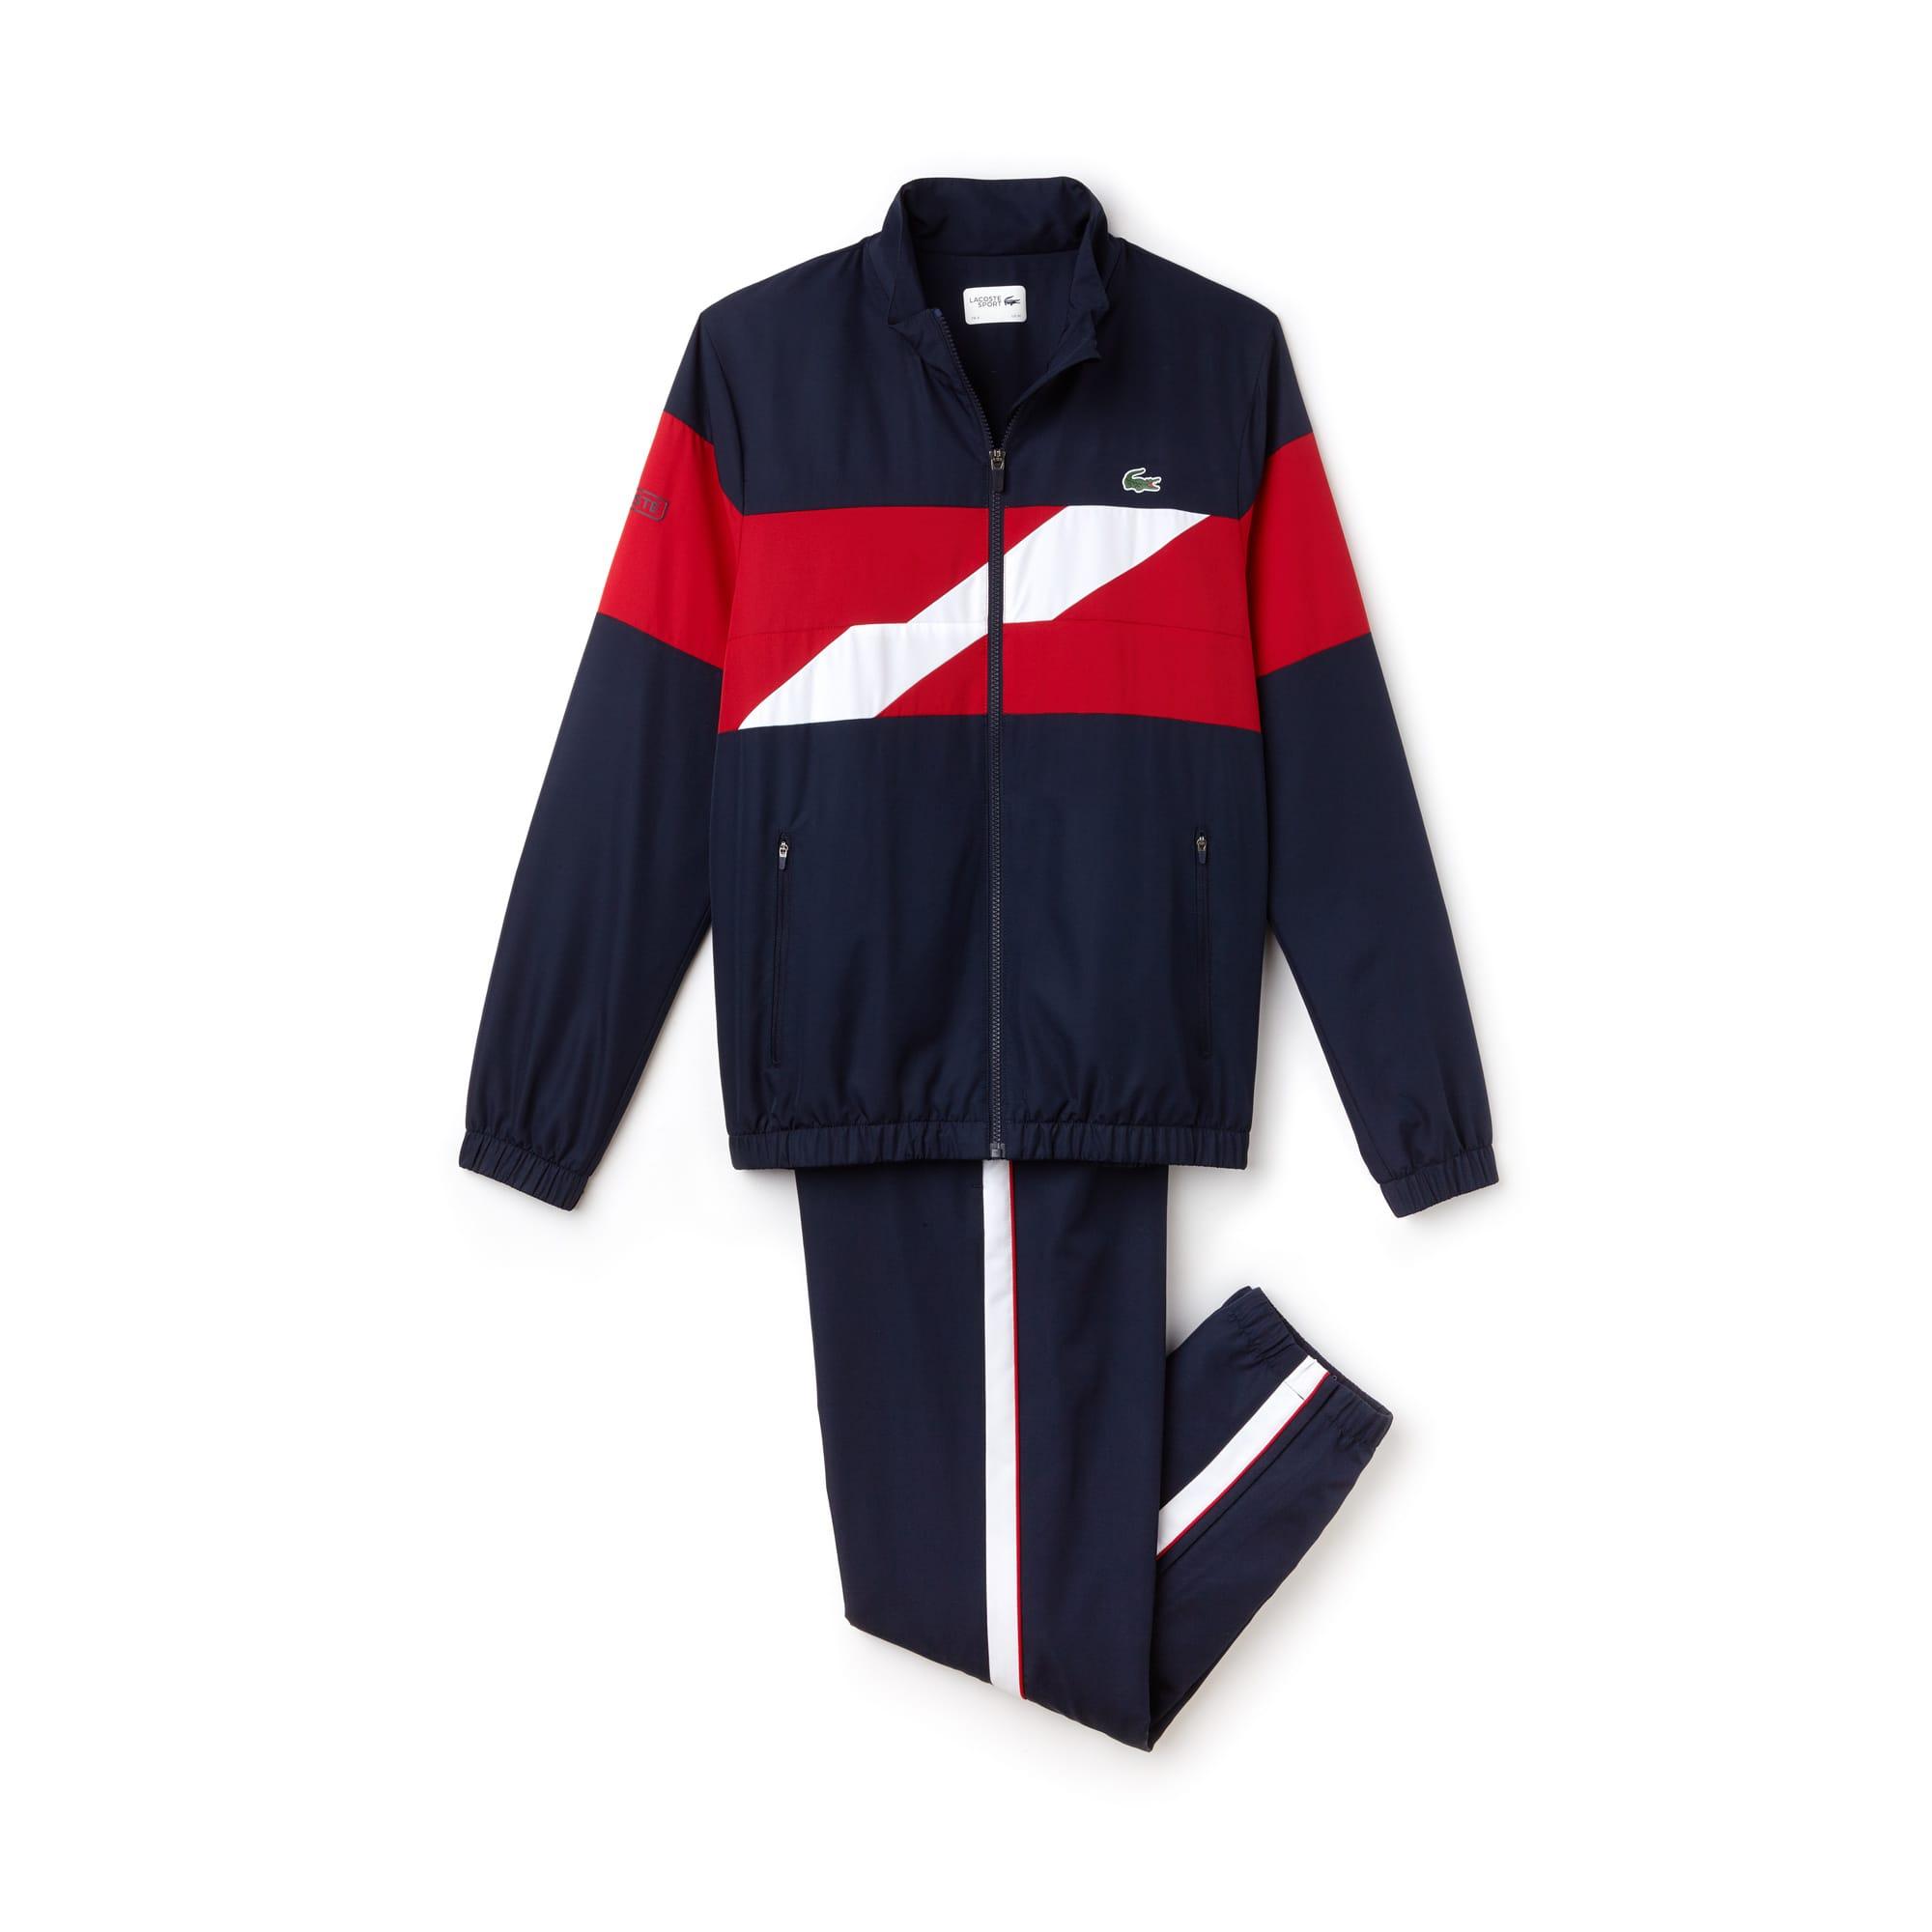 Vêtements Survêtements Homme Homme Lacoste Lacoste Sport Vêtements Sport  Survêtements Survêtements w0Hg1q edcbf404ebae